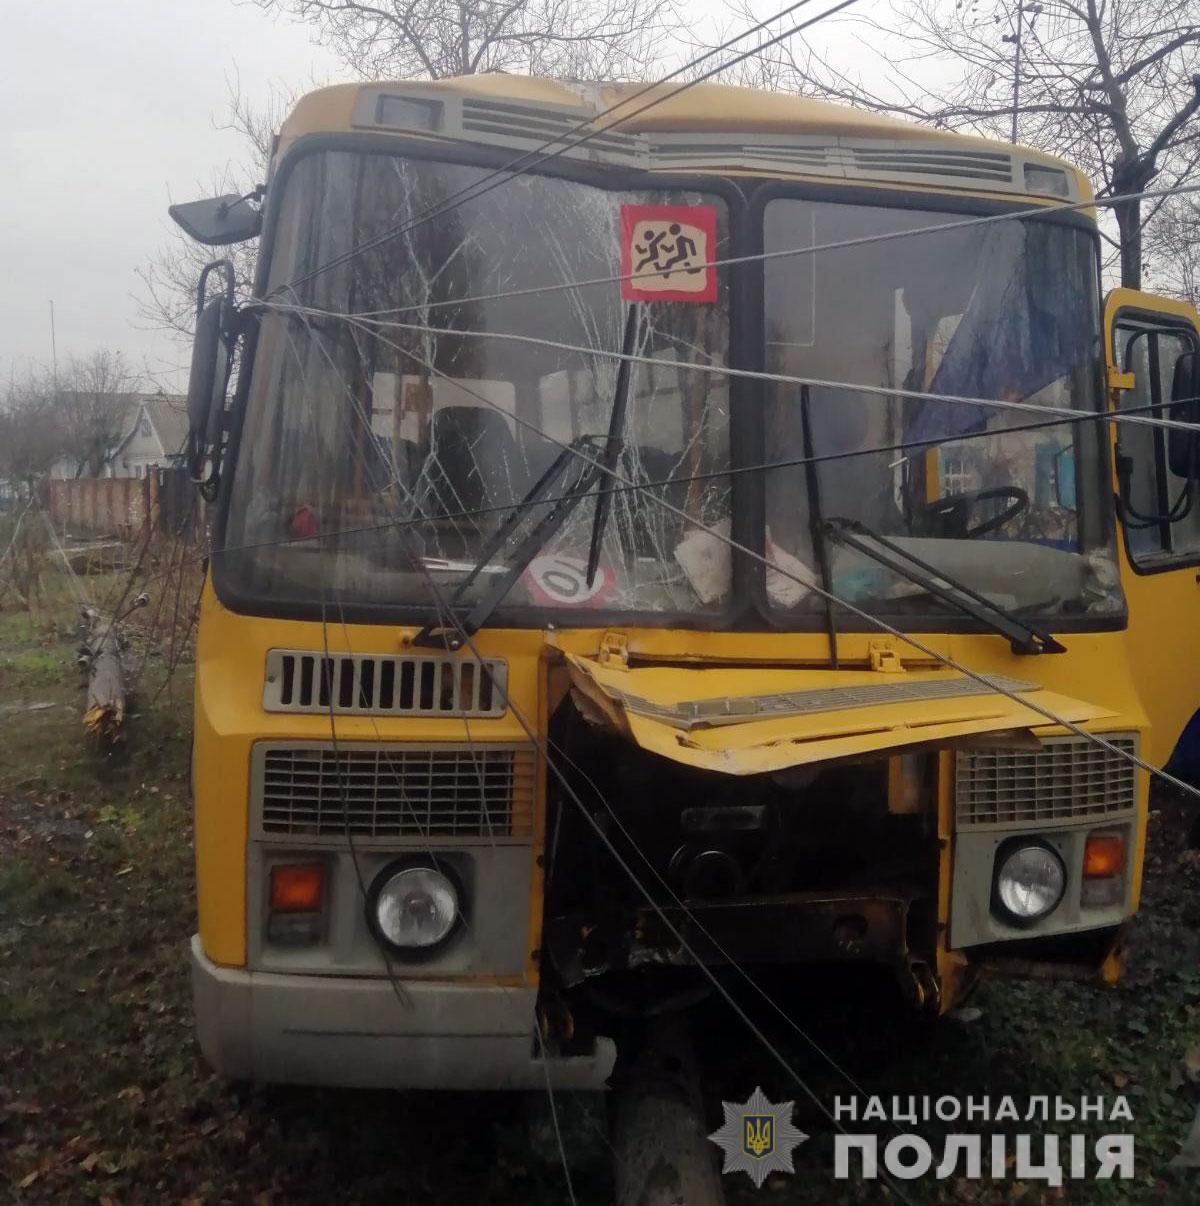 Автобус, який потрапив в аварію